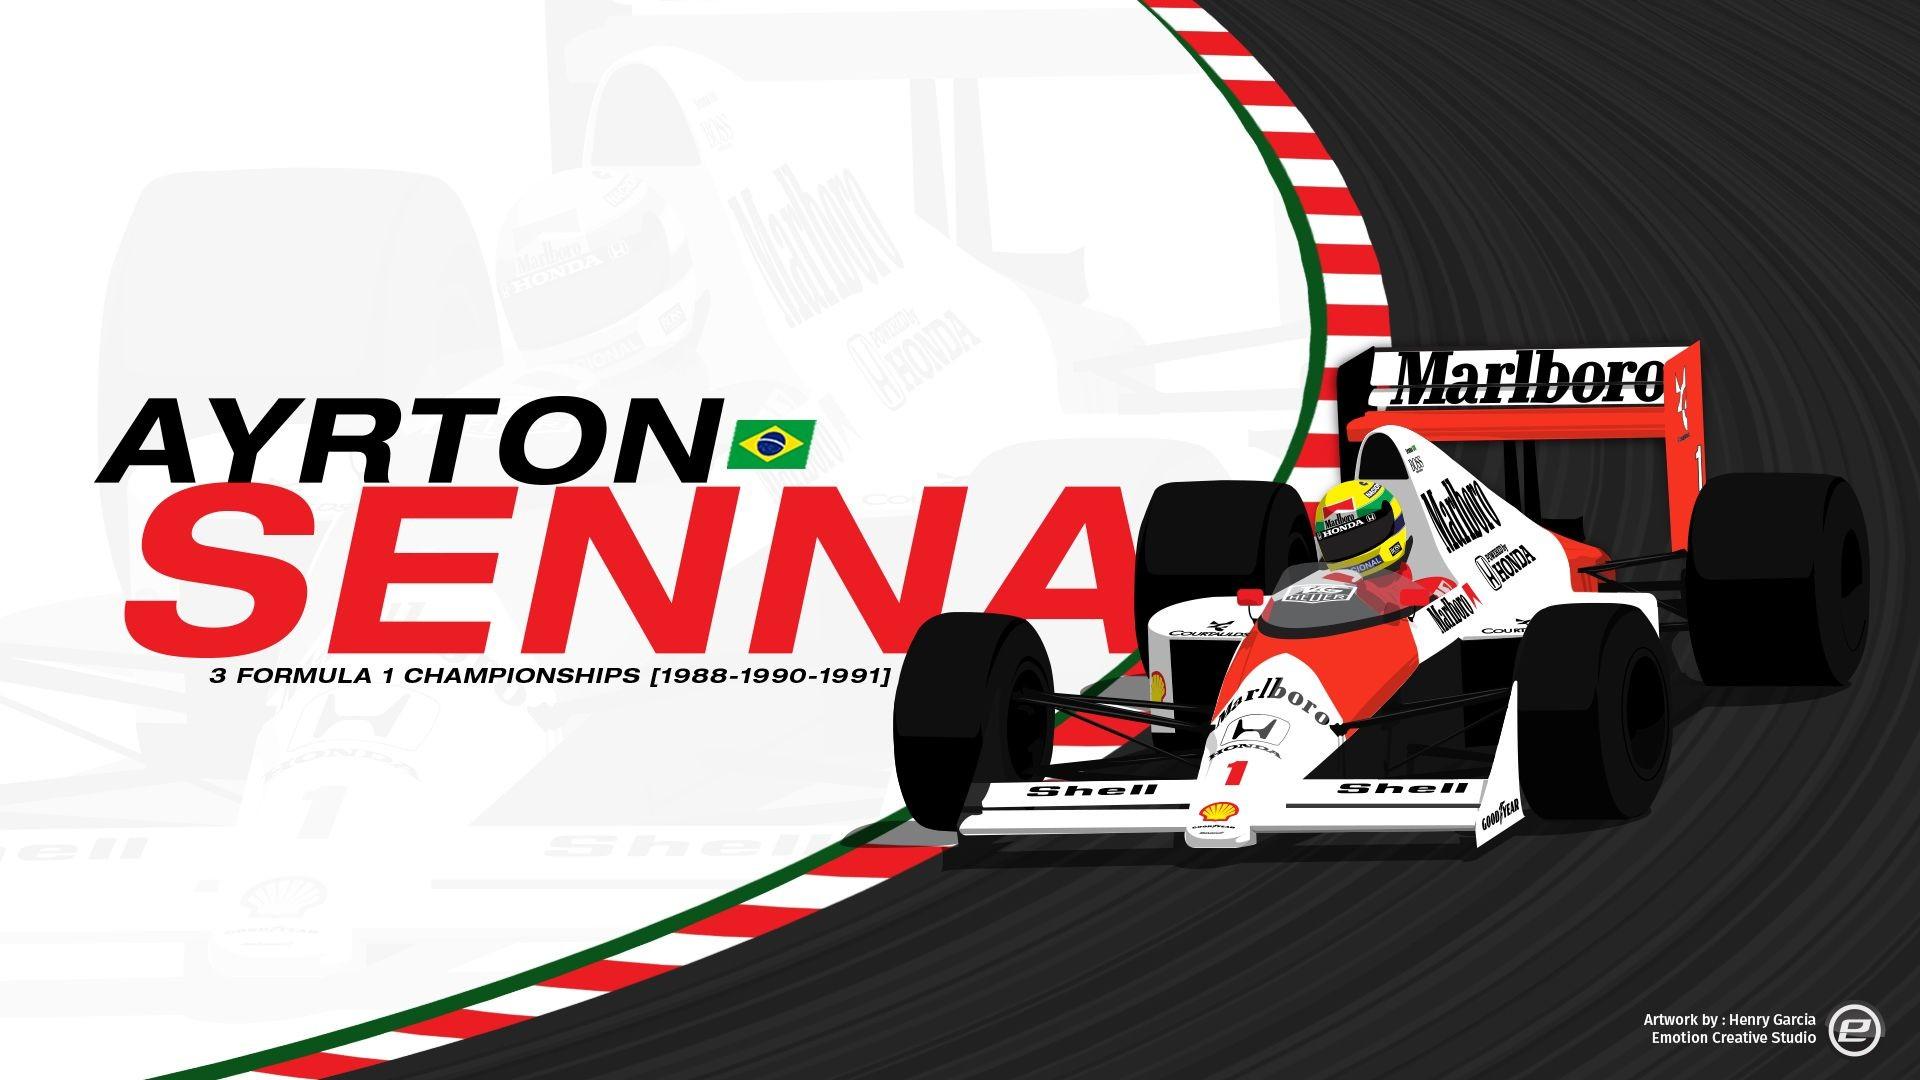 1920x1080 Ayrton Ayrton Senna Wallpaper Hd Desktop Art